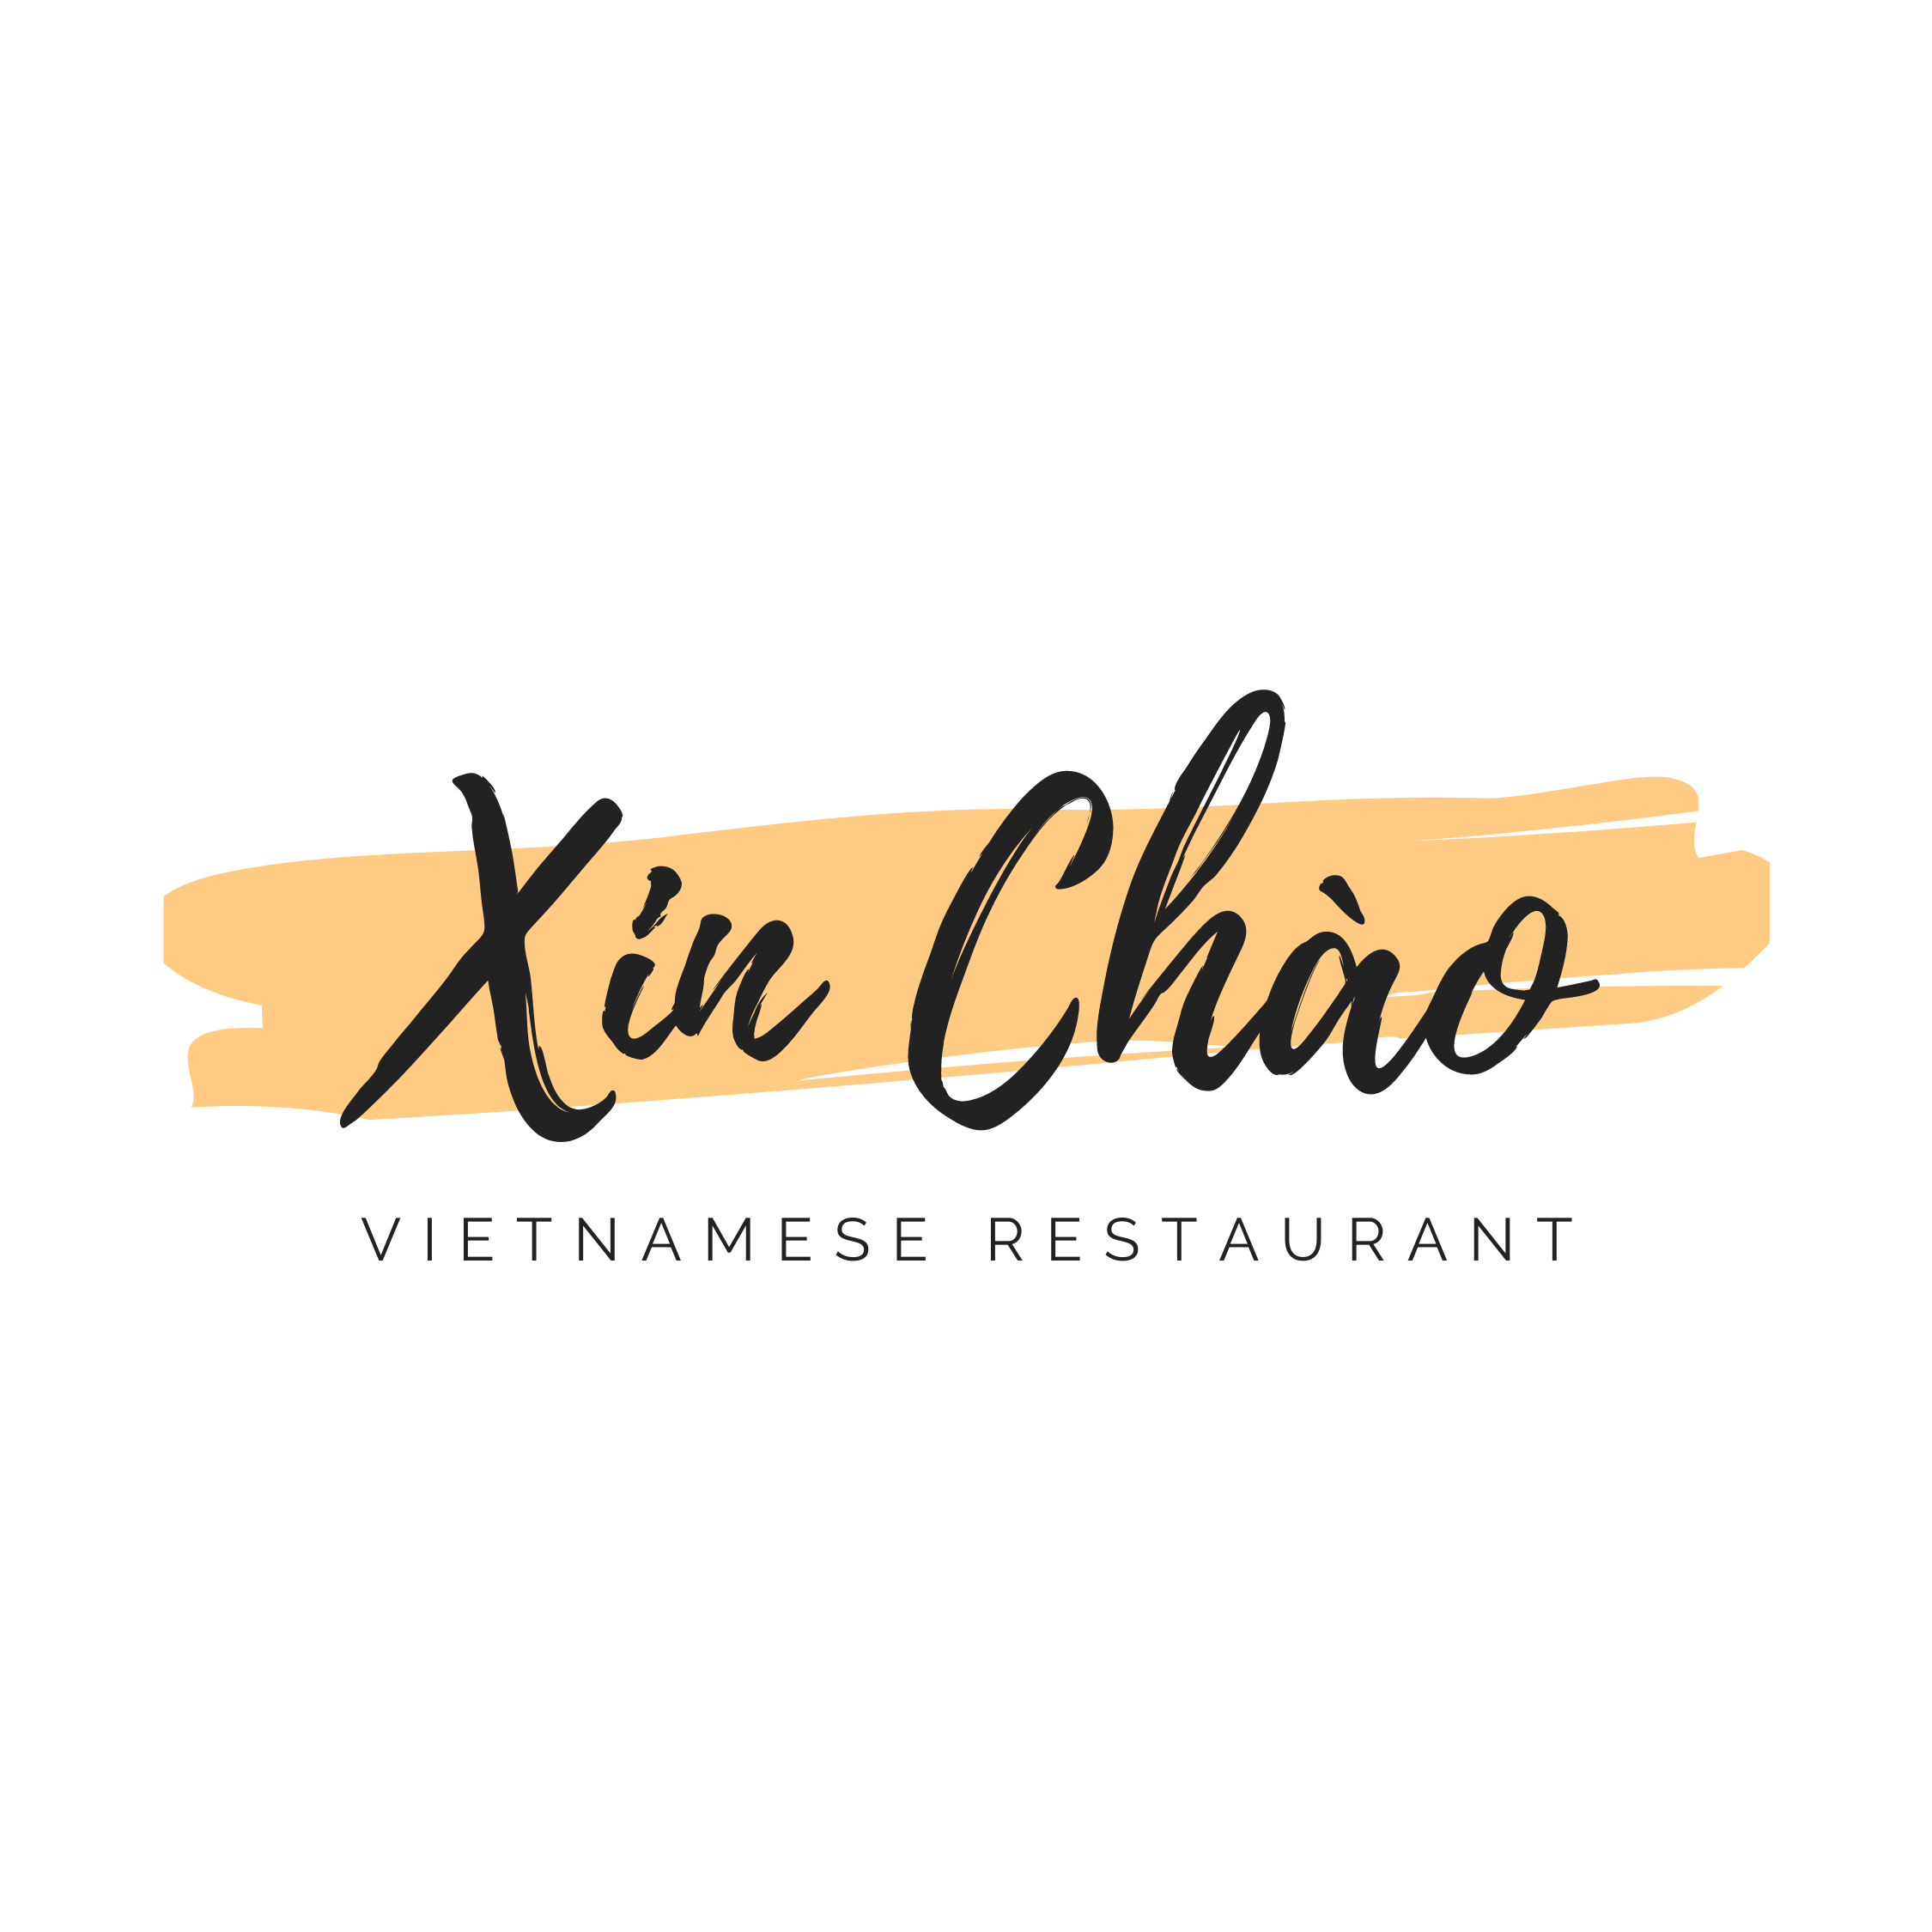 Xin Chào logo